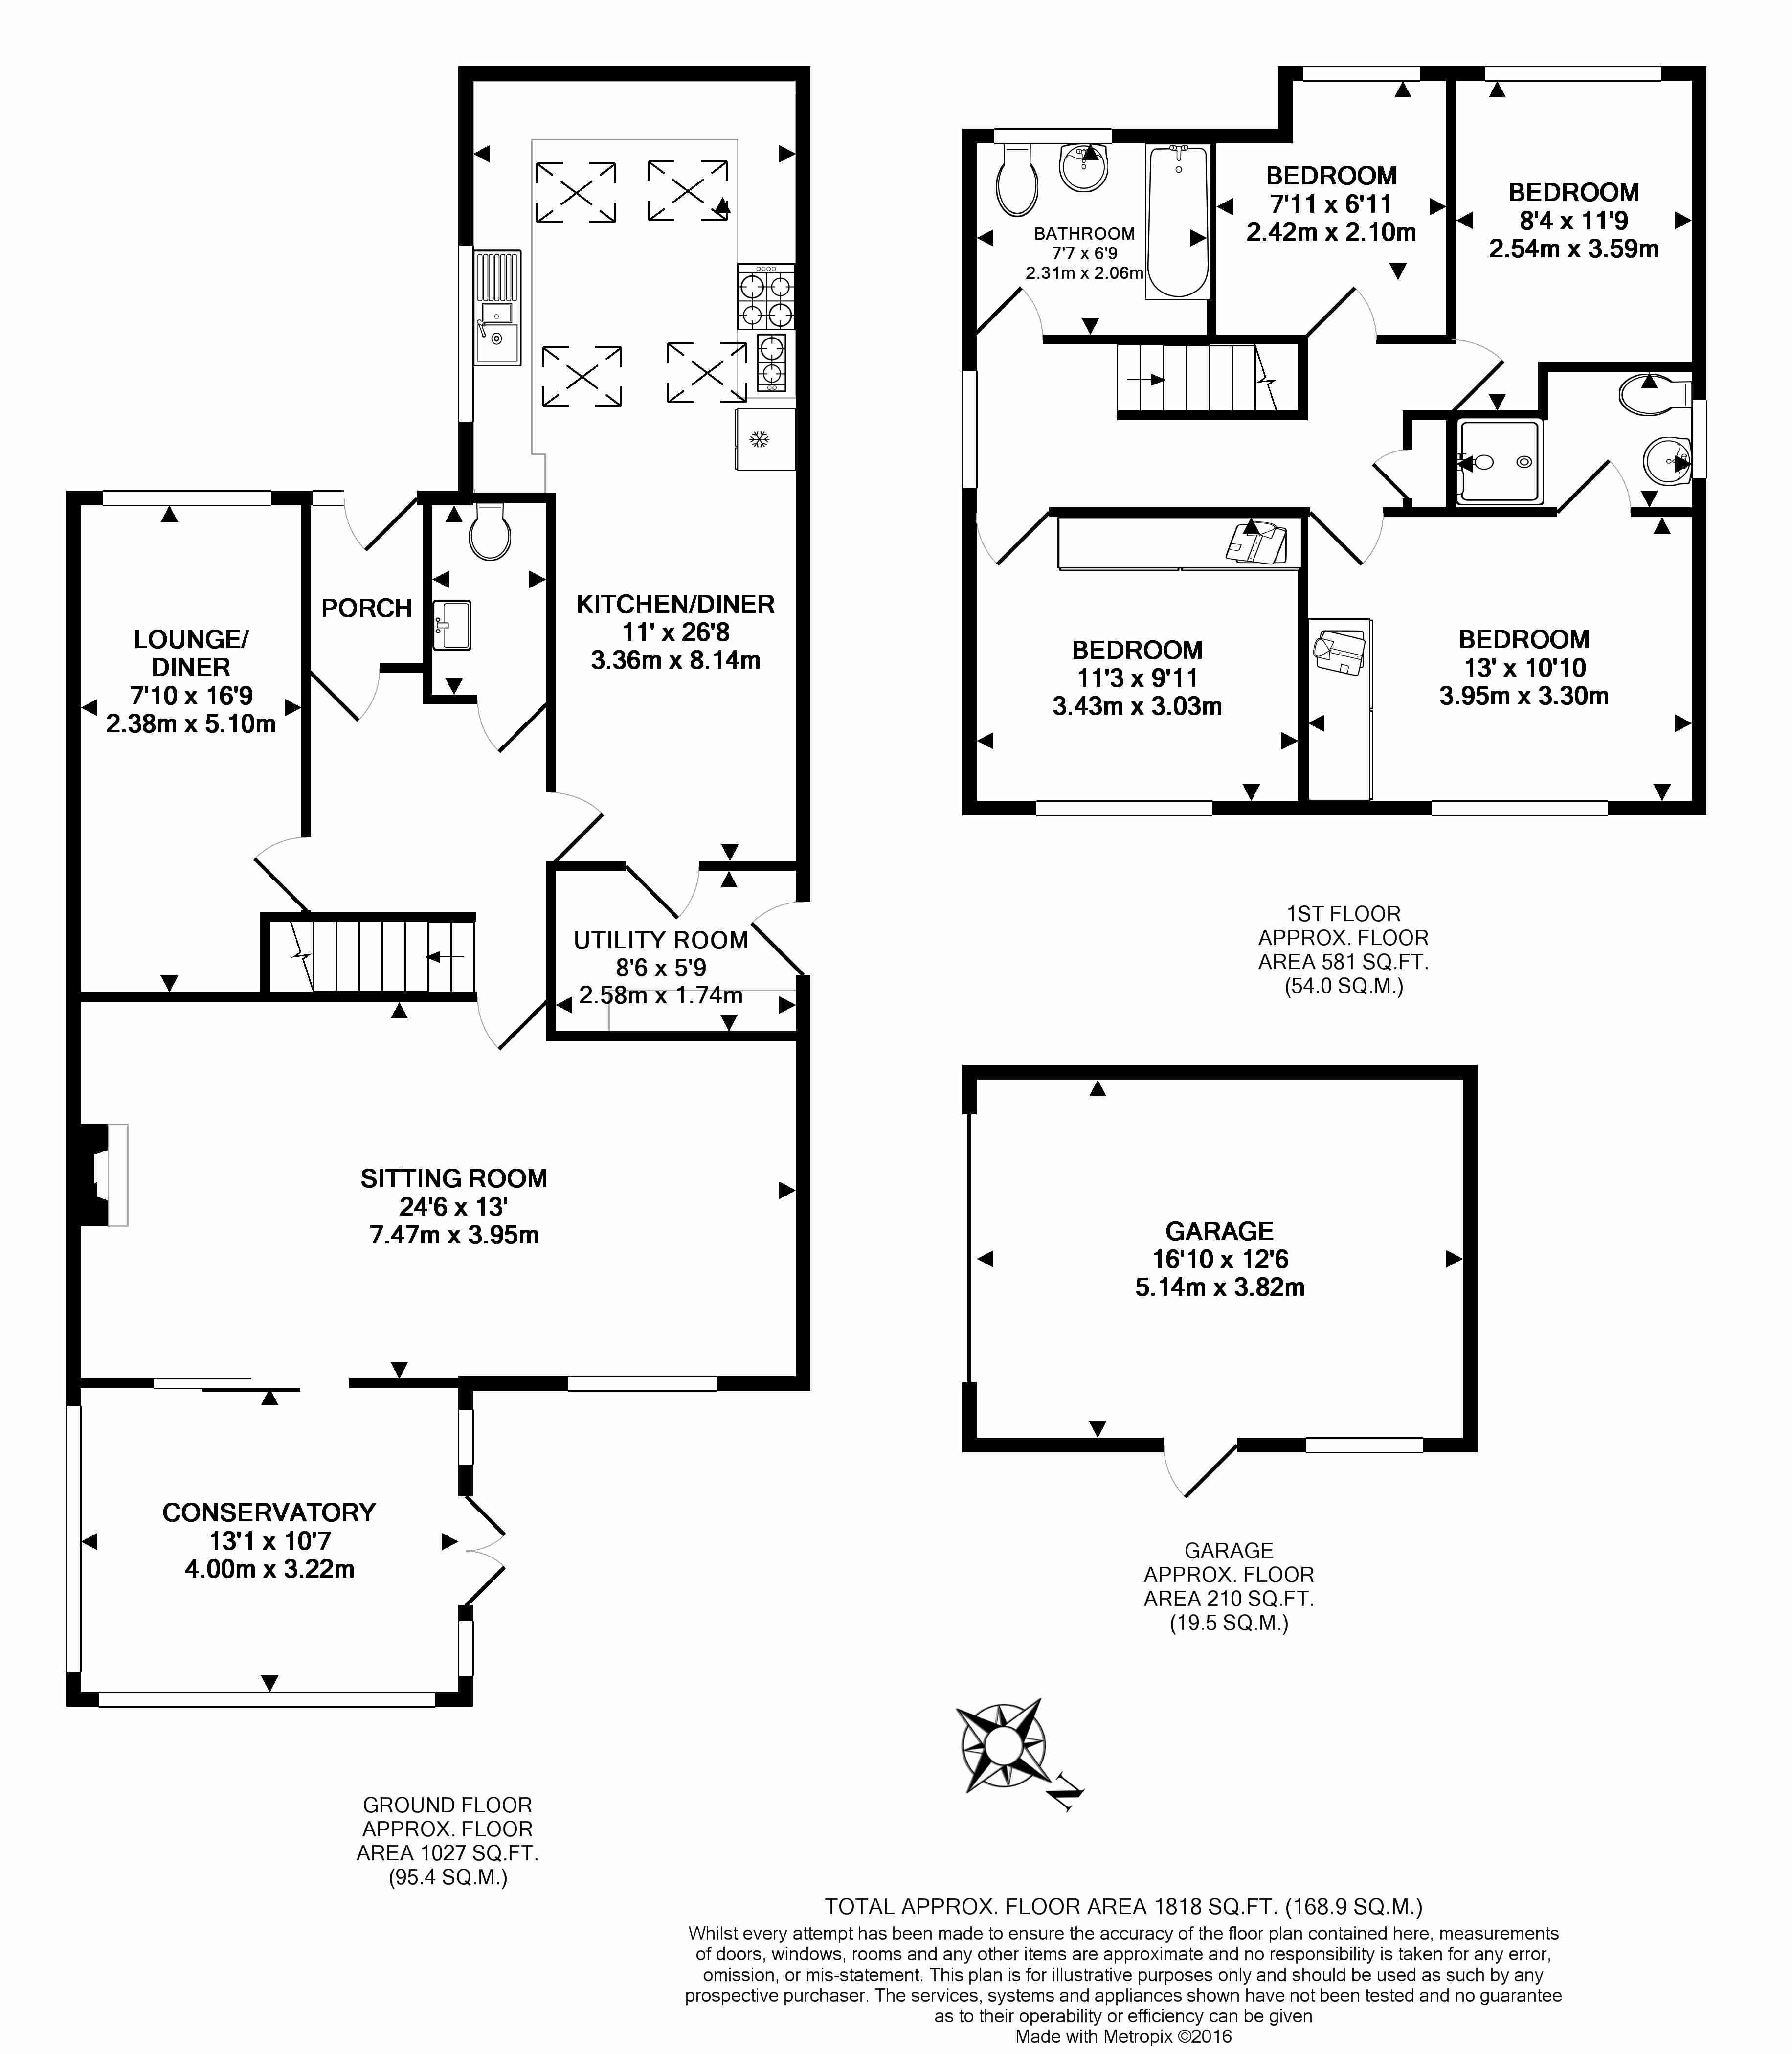 Arnos Grove, Nottingham NG16, 4 bedroom detached house for sale - 41851463 : PrimeLocation